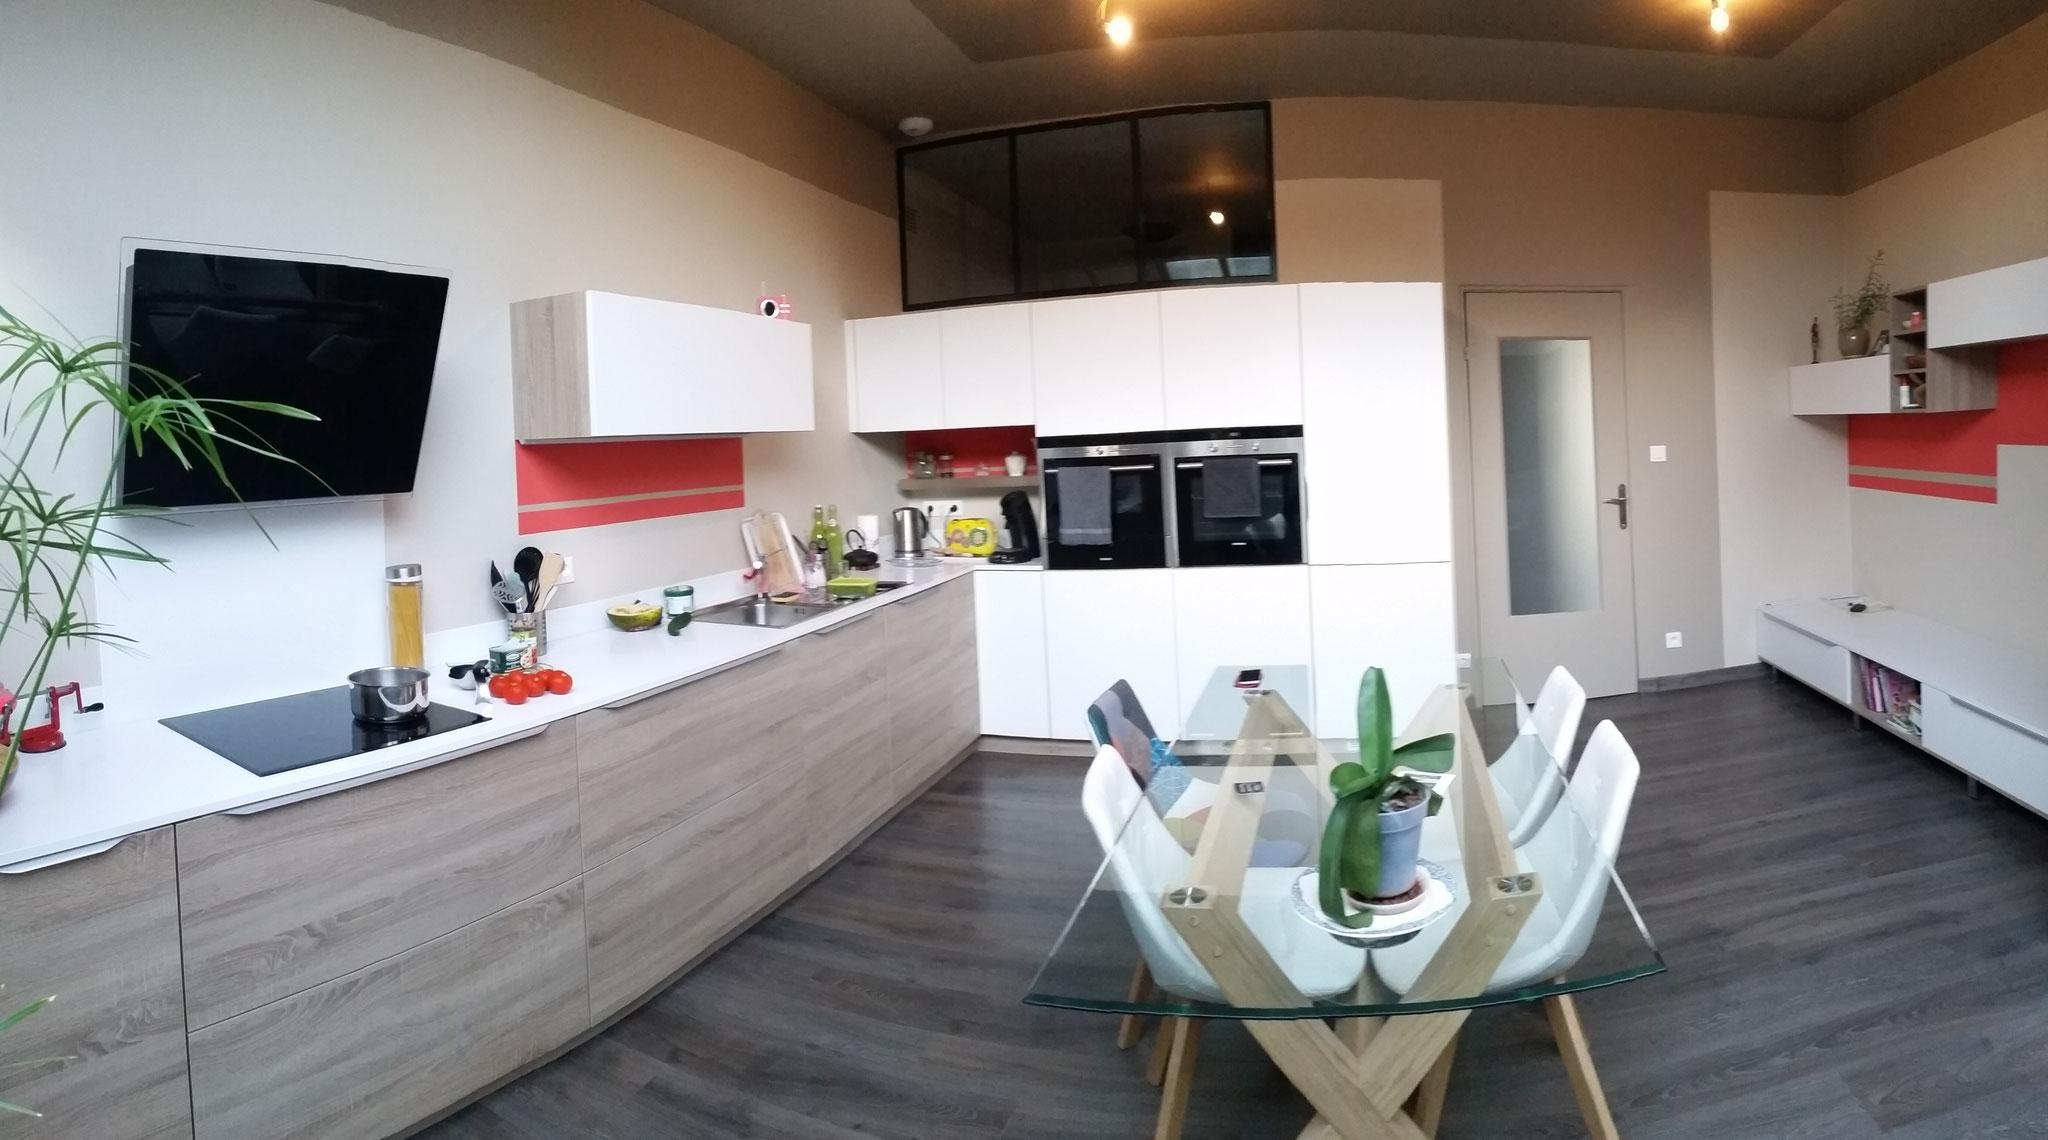 cuisine jeune et conviviale avec un espace lecture sur la droite :banquette et niches bibliothèque par cuisine design Toulouse